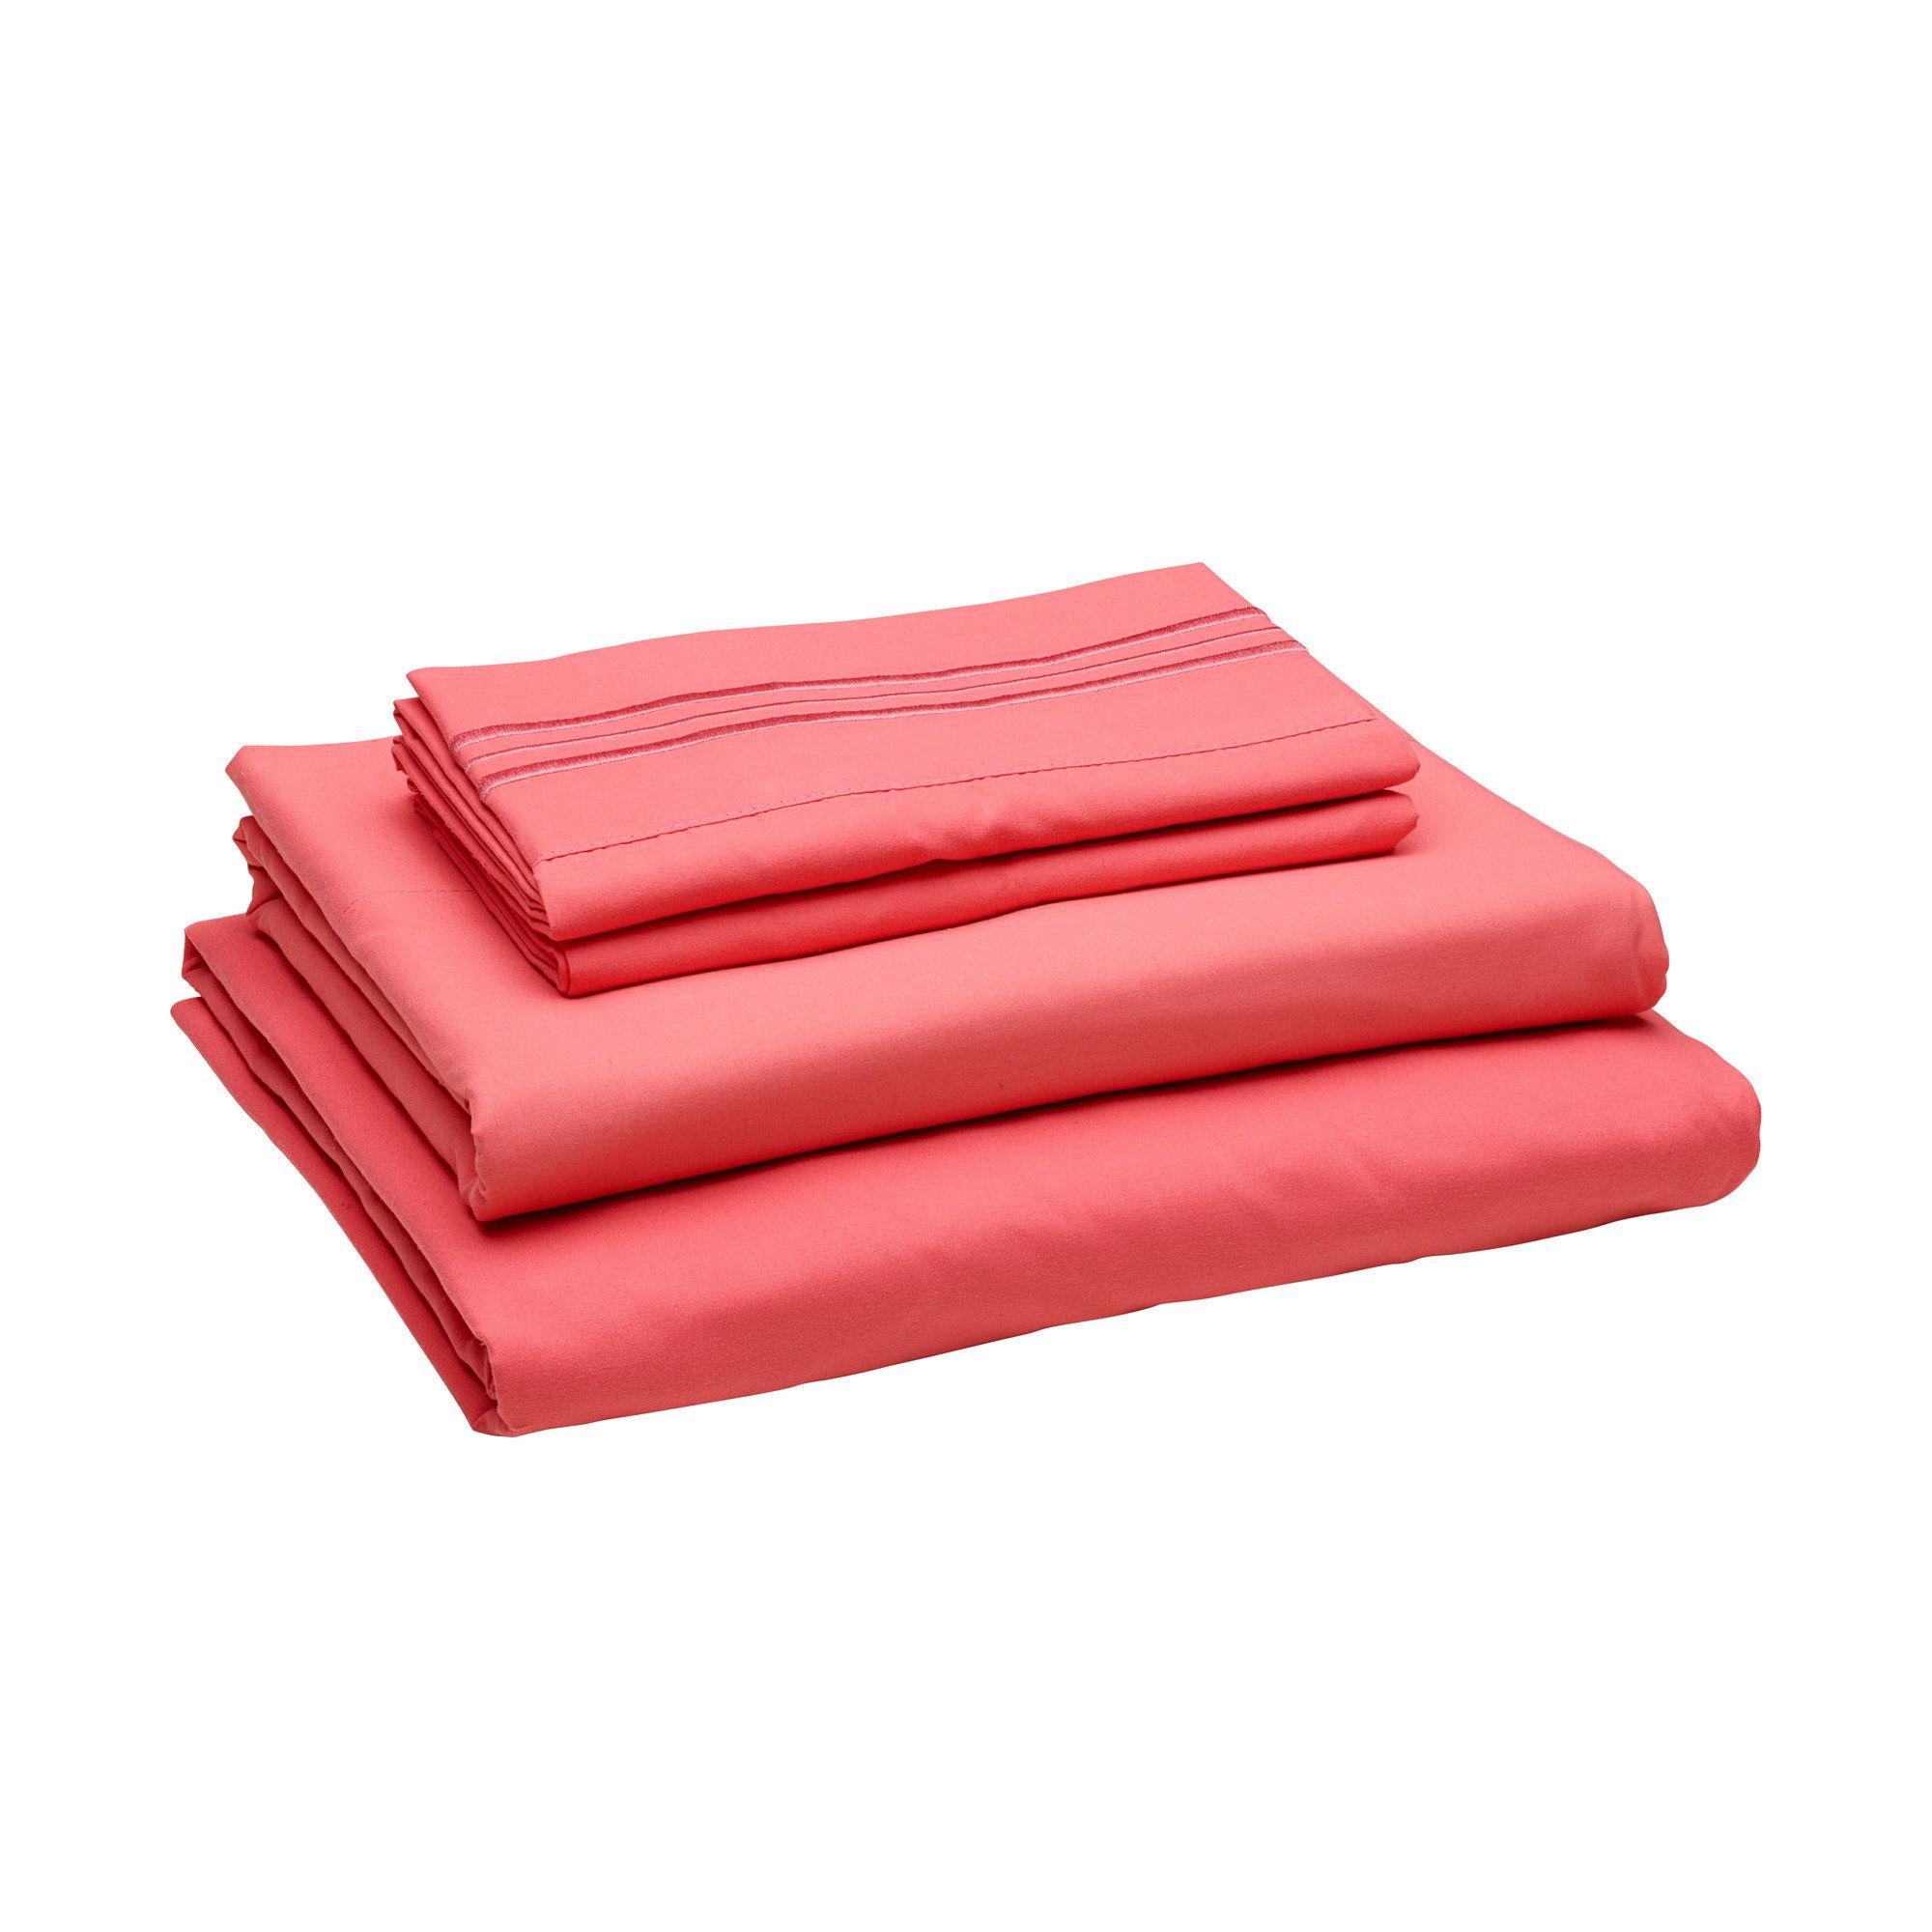 Basics 1800 Series 6 Piece Sheet Set Sheet thread count